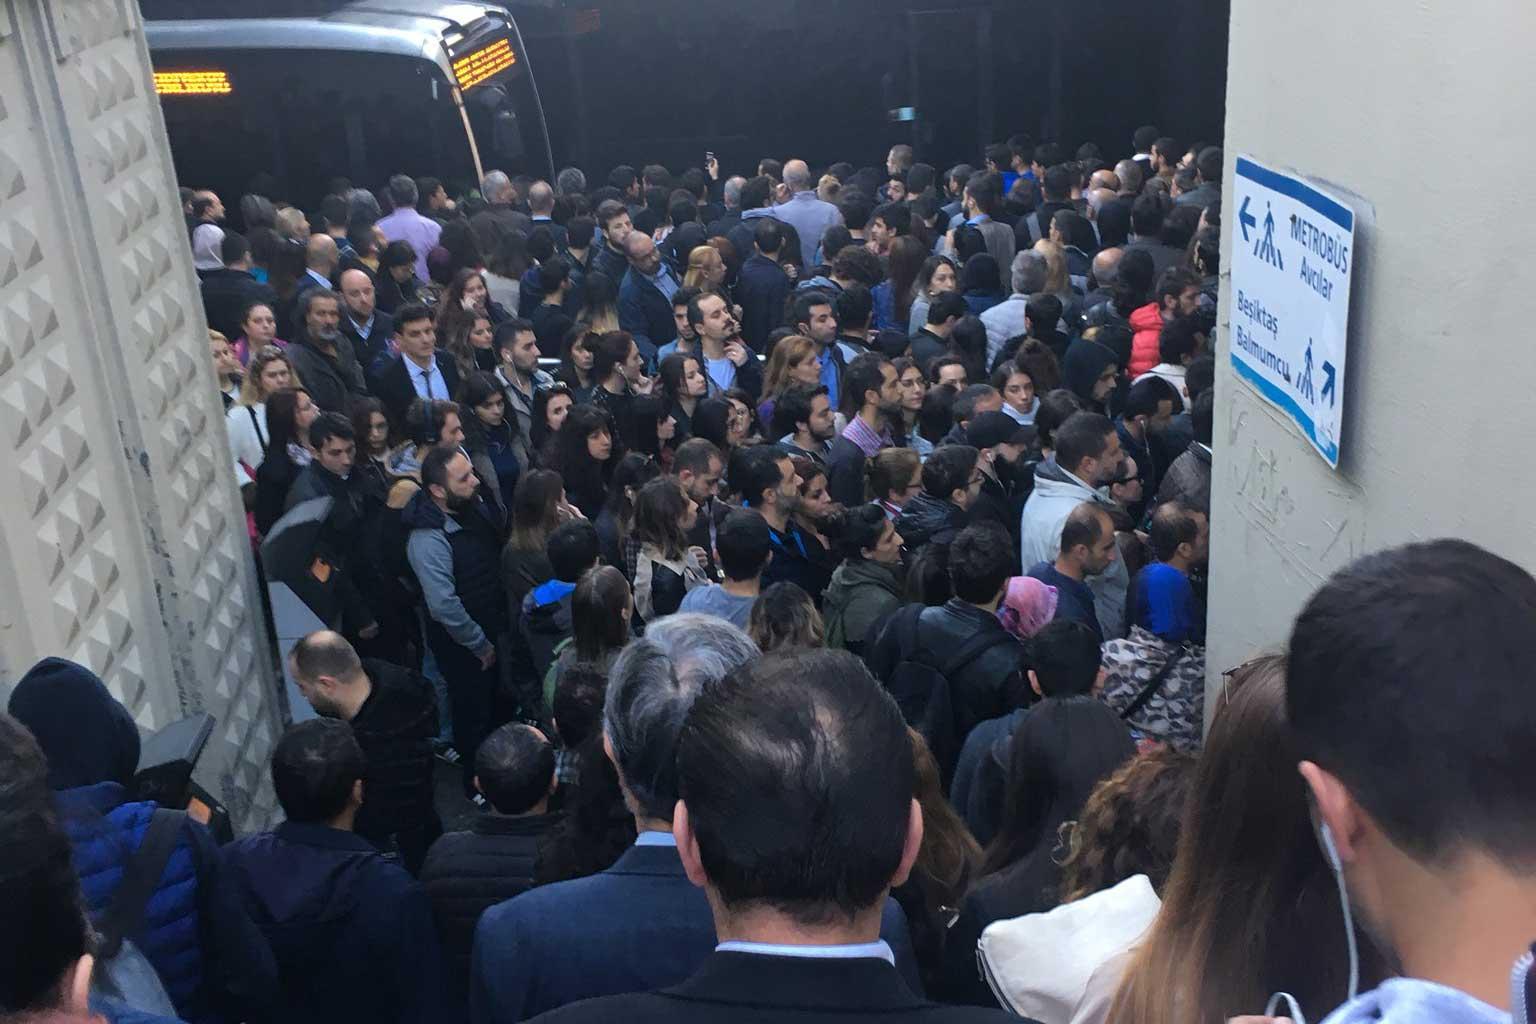 Metrobüs duraklarındaki yoğunluk sosyal medyada tepkilere neden oldu